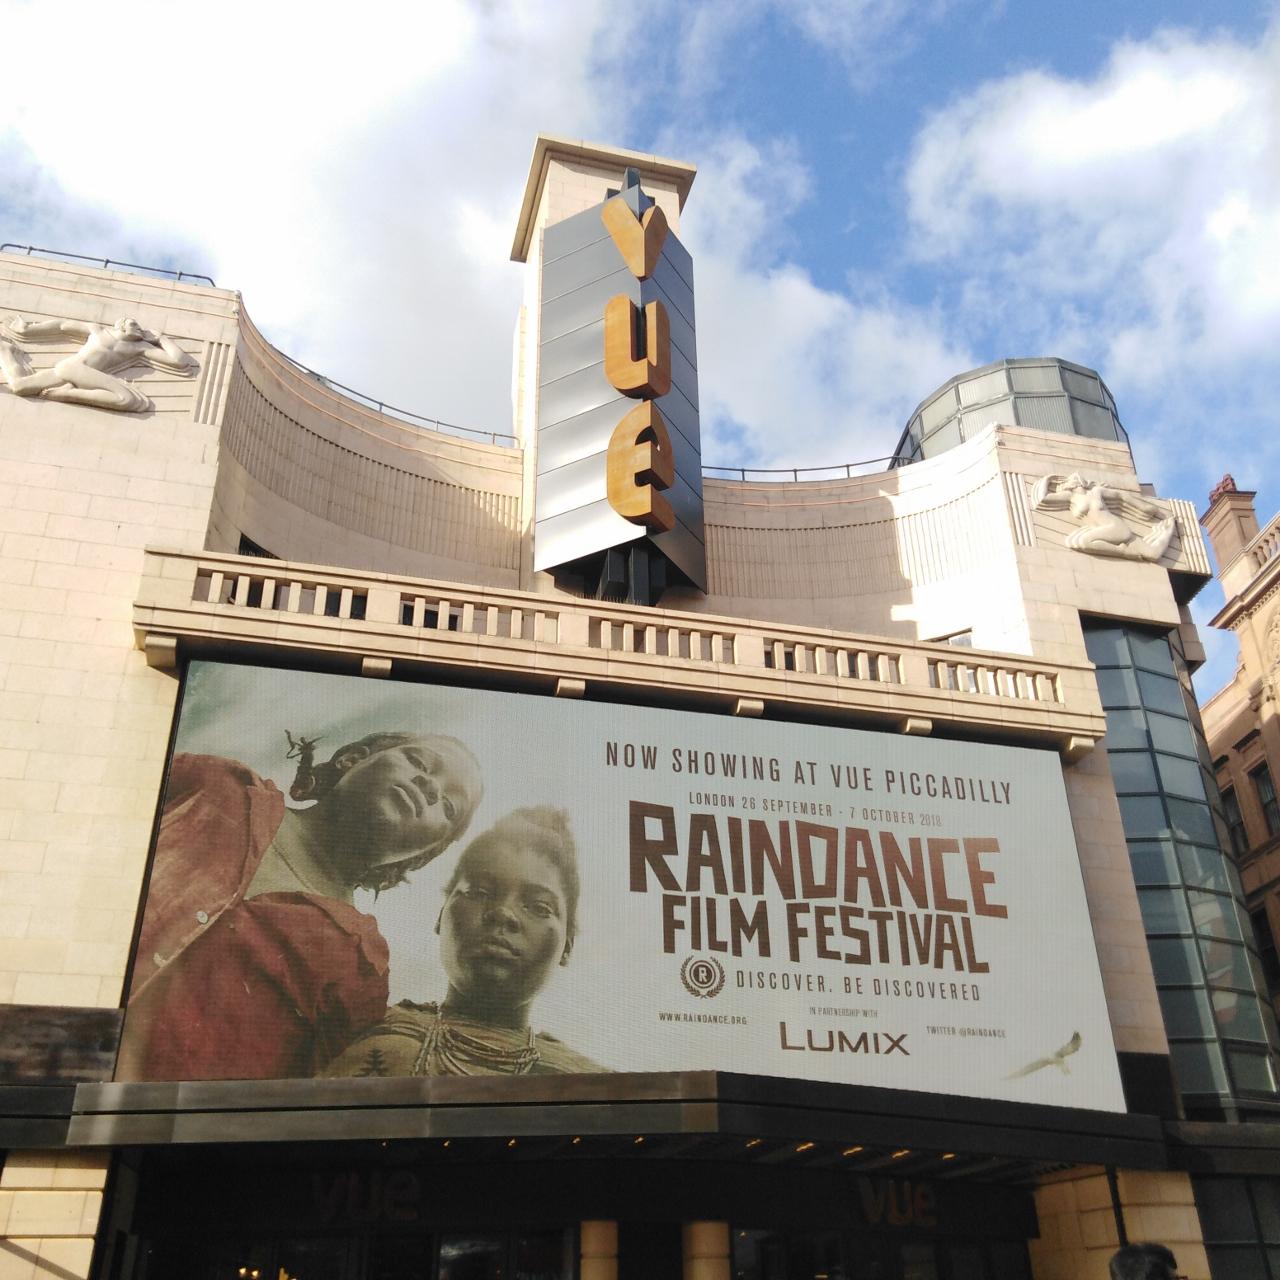 Кинофестиваль Raindance, где ждут украинские фильмы – репортаж из Лондона